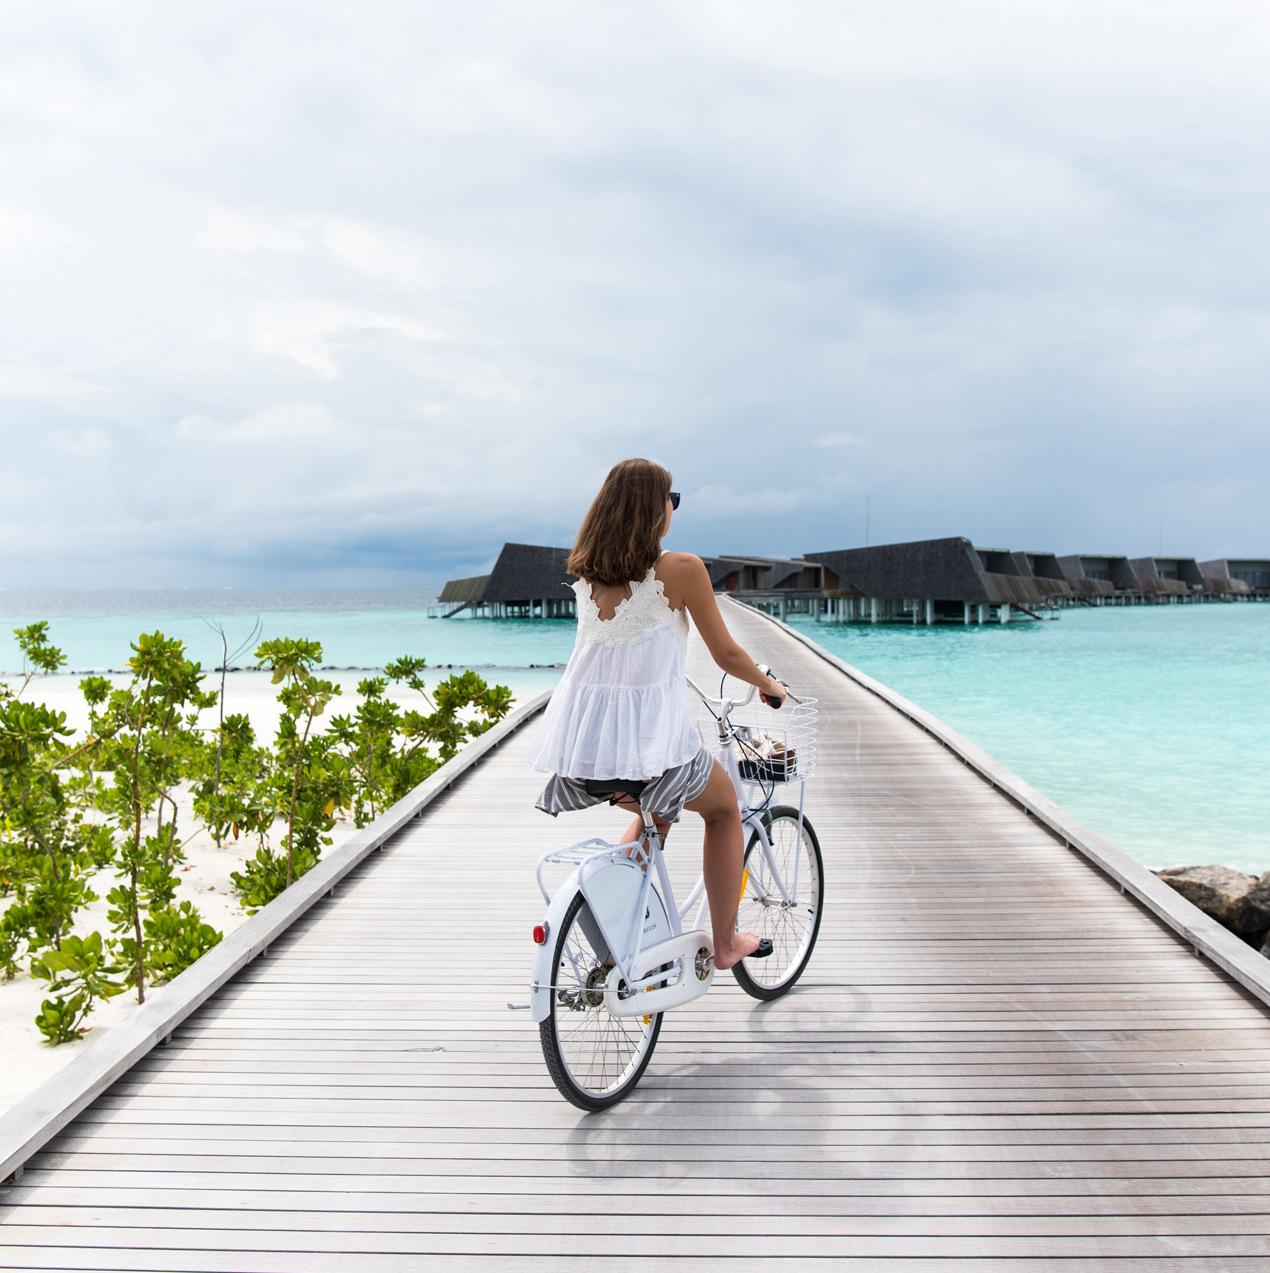 hotel-und-reise-tipps-erfahrung-malediven-st-regis-hotel-maldives-fashiioncarpet